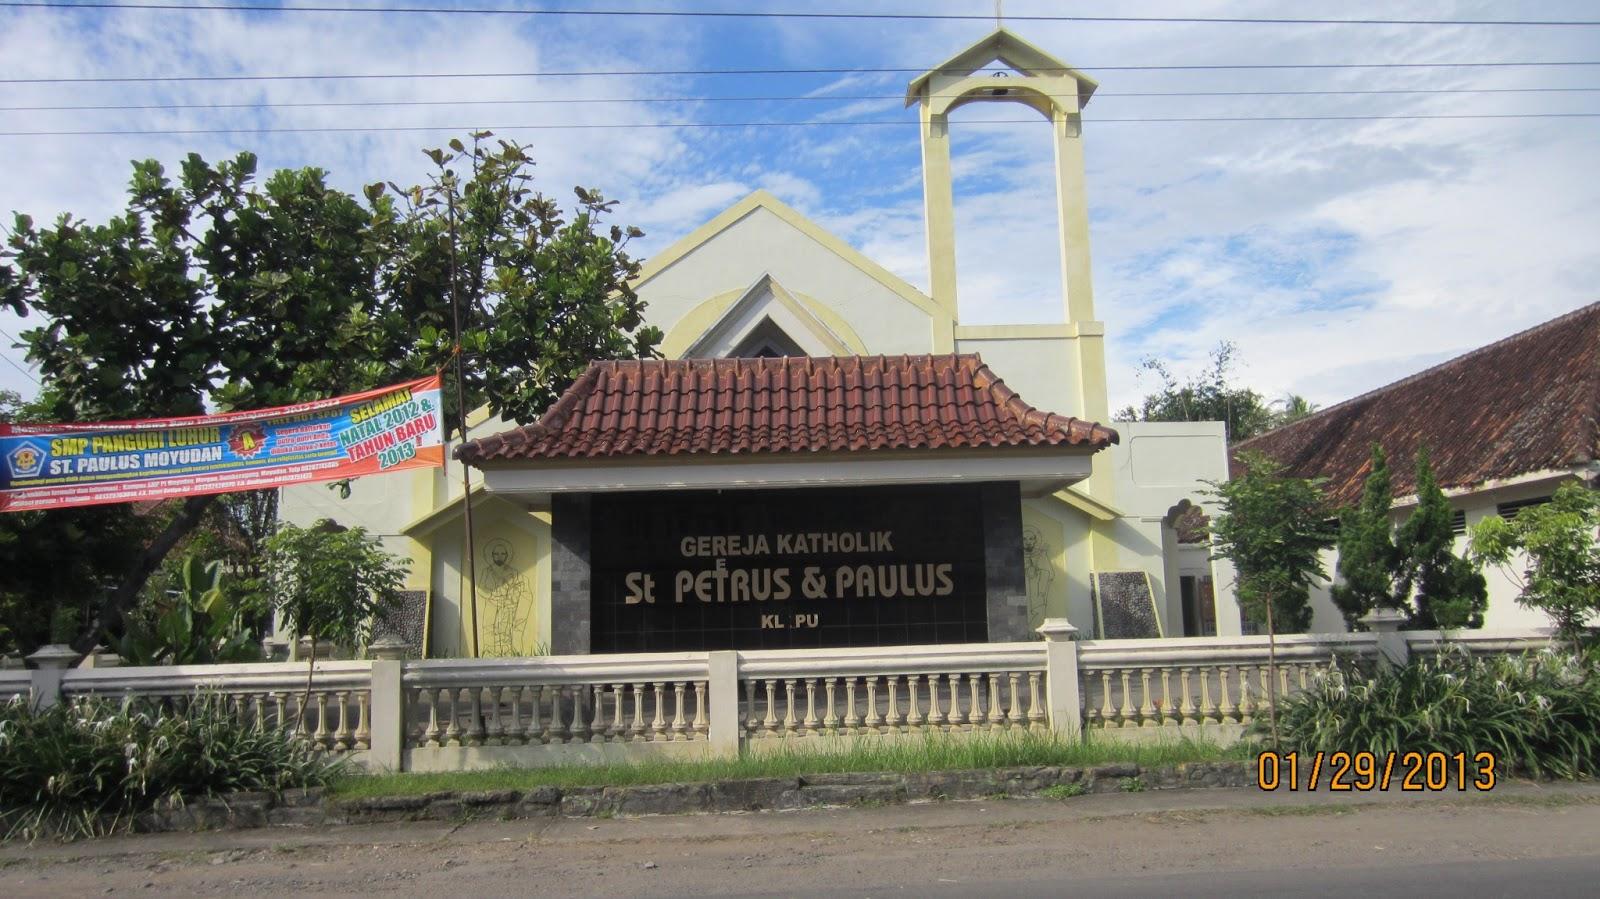 Paroki St. Petrus dan Paulus Klepu